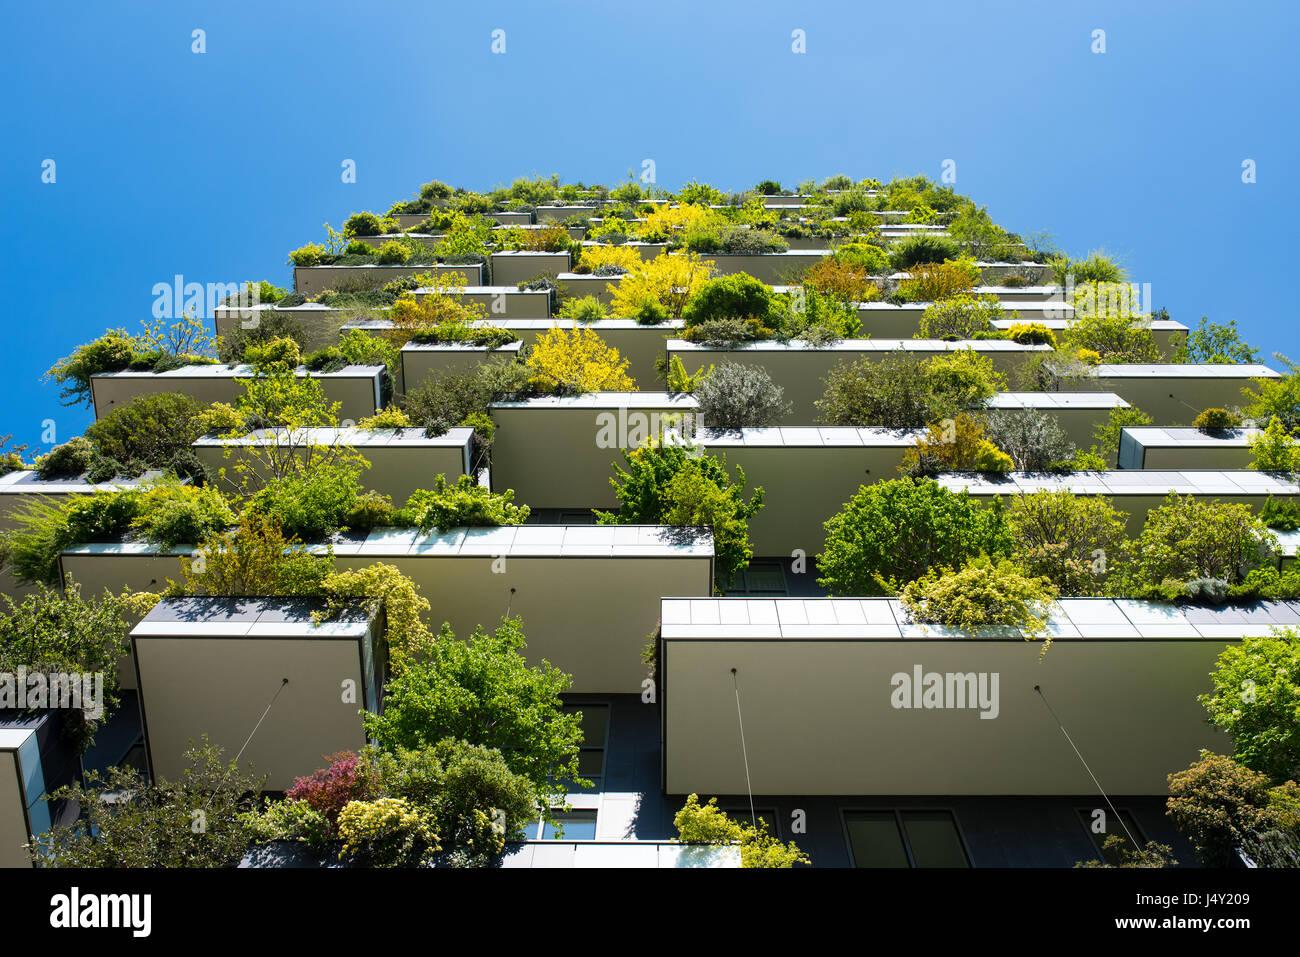 ökologische Architektur | Modernen Und Okologischen Wolkenkratzern Mit Vielen Baumen Auf Jeden